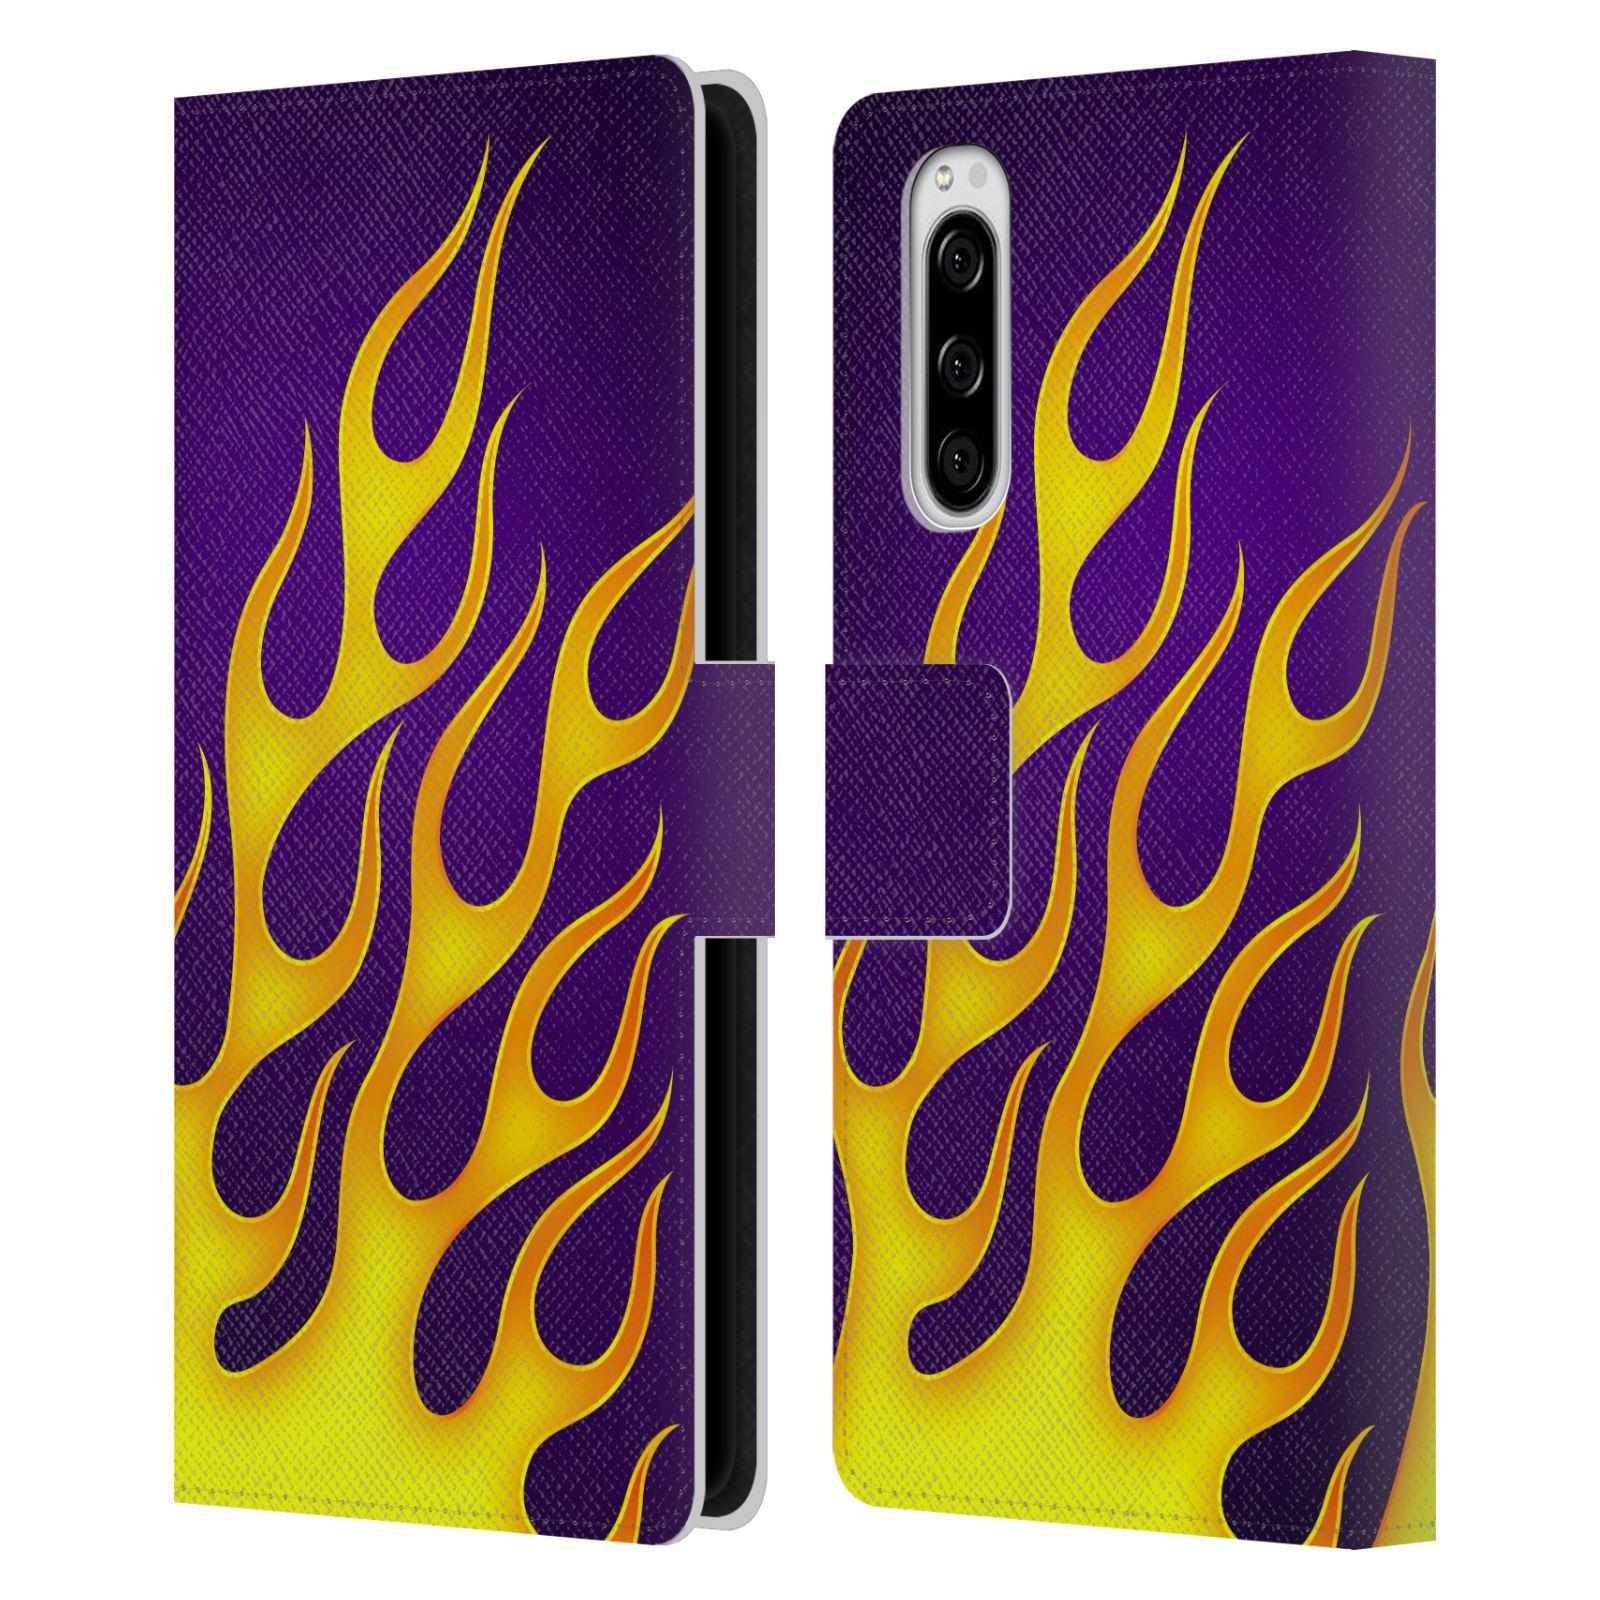 Pouzdro na mobil Sony Xperia 5 barevné ohnivé plameny žlutá  a fialová